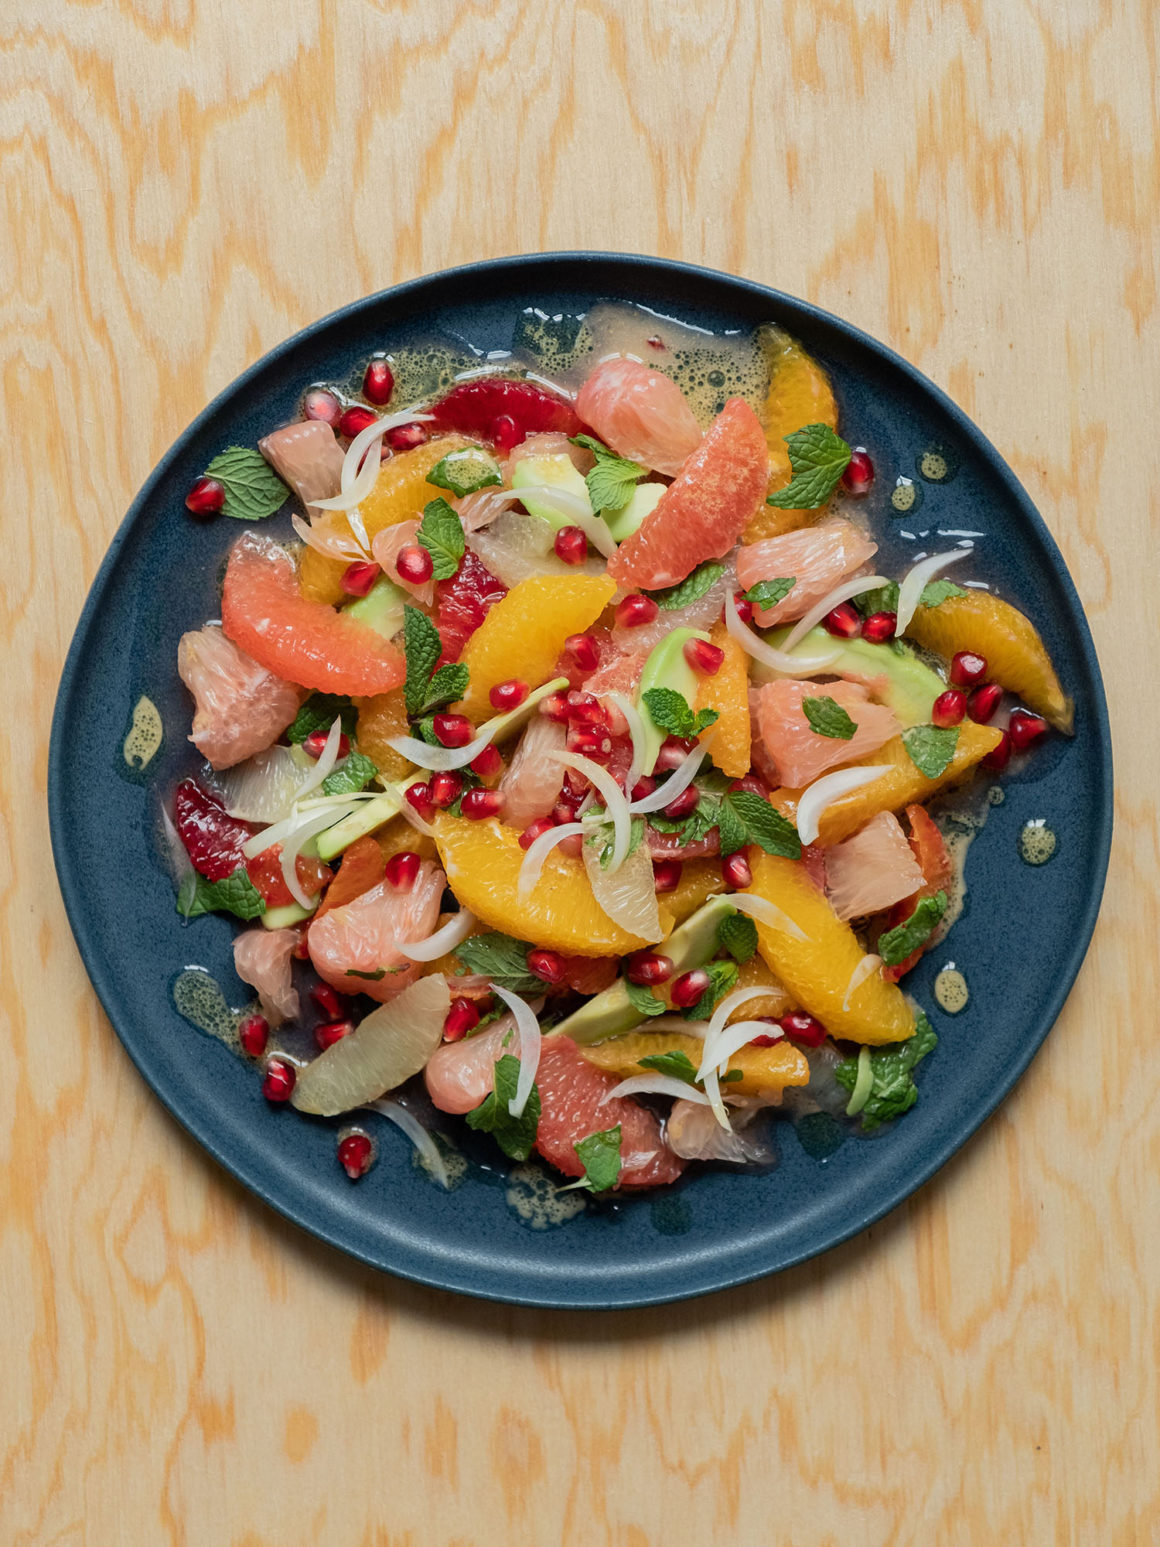 Rezept_Zitrussalat mit Avocado und Pistaziendressing, Pink Grapefruit, Blutorange, Limettenfilet